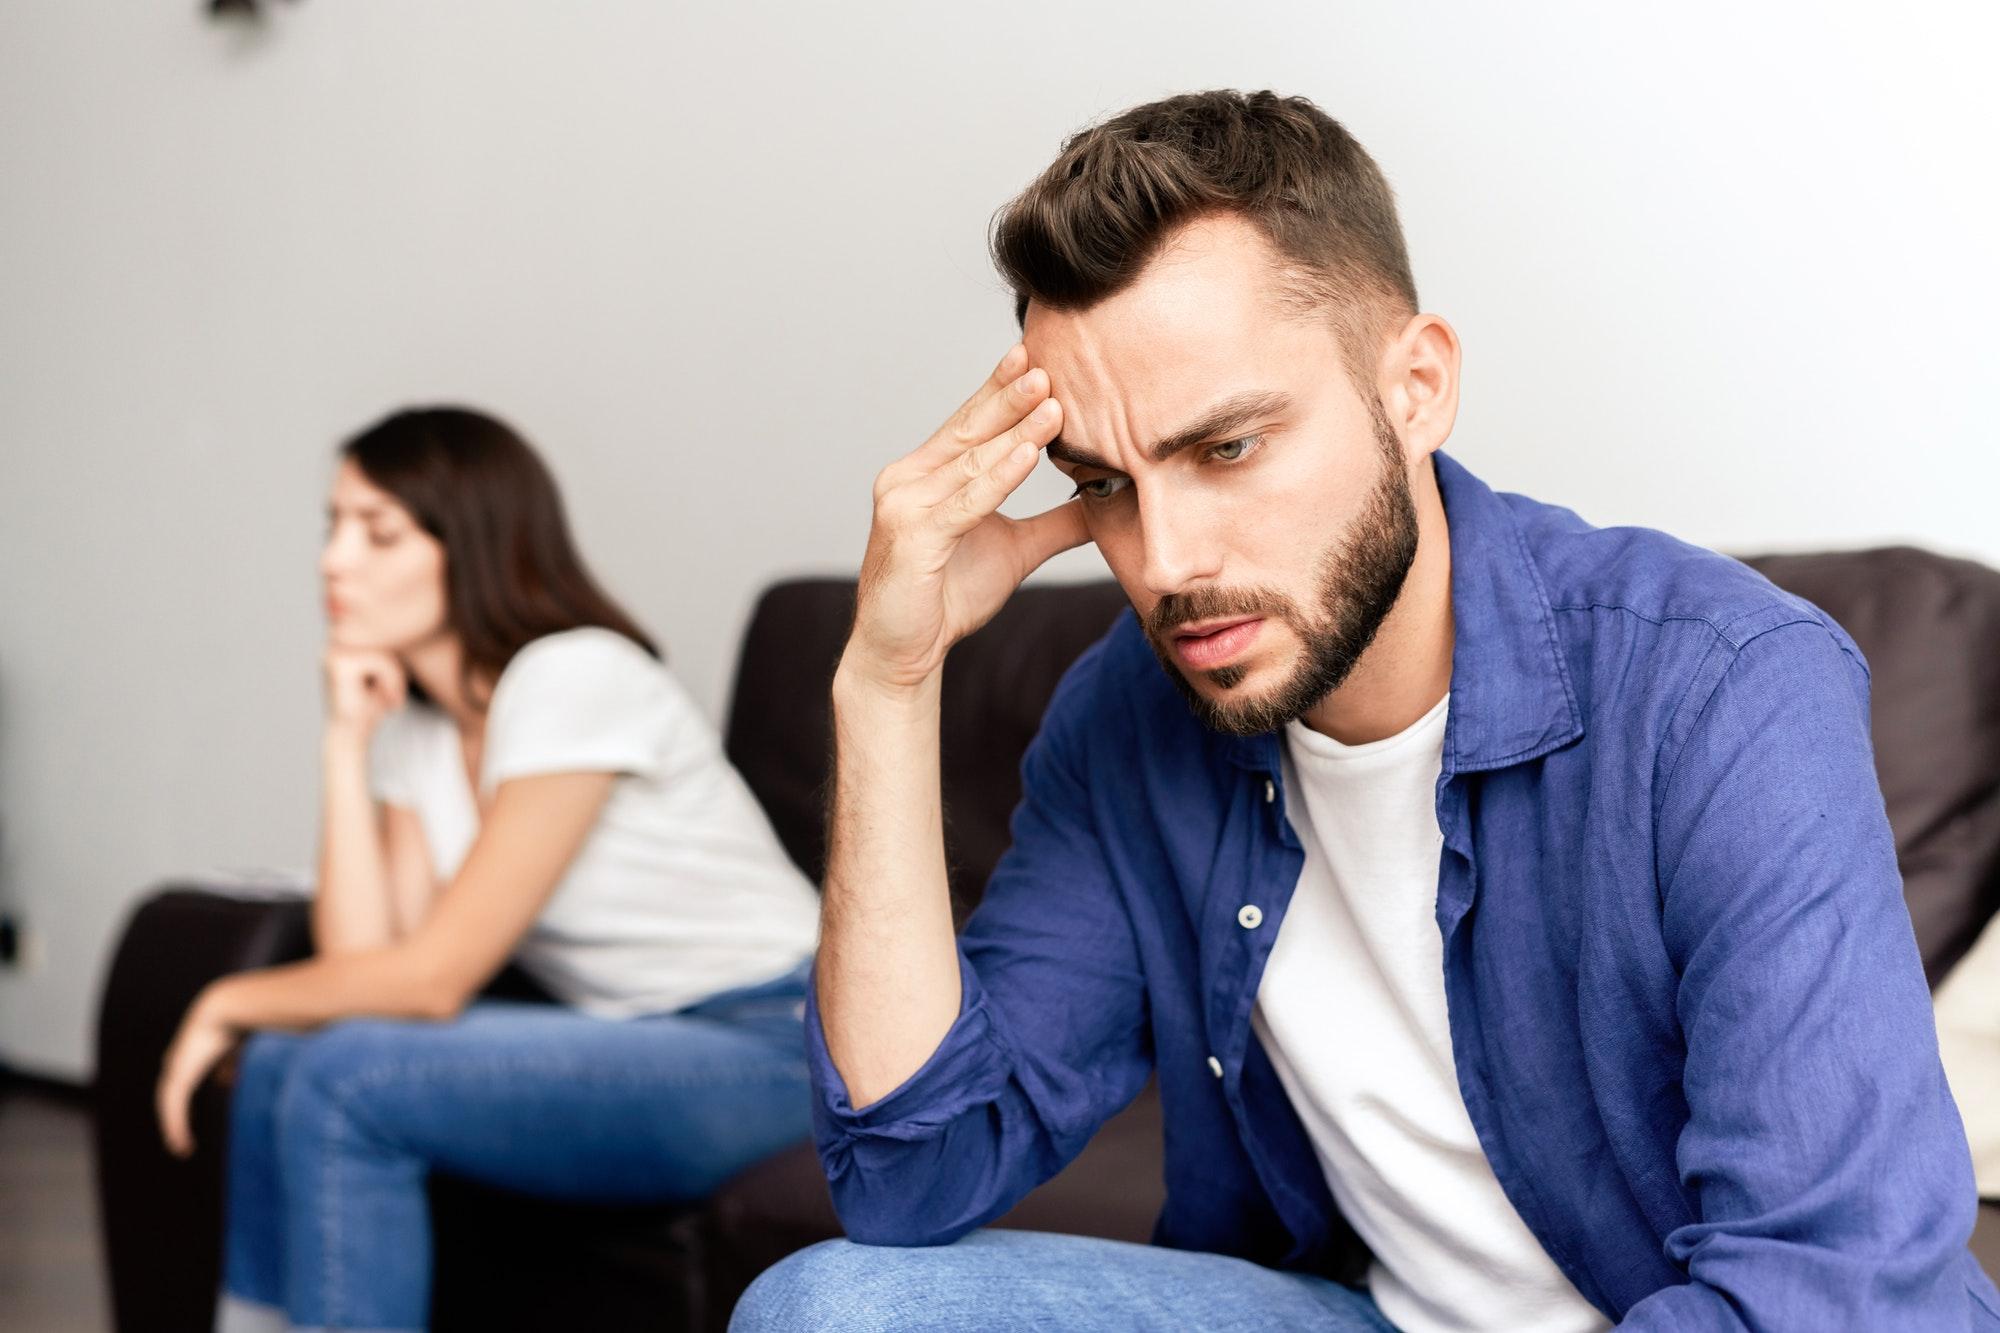 Comment reconnaitre une relation toxique